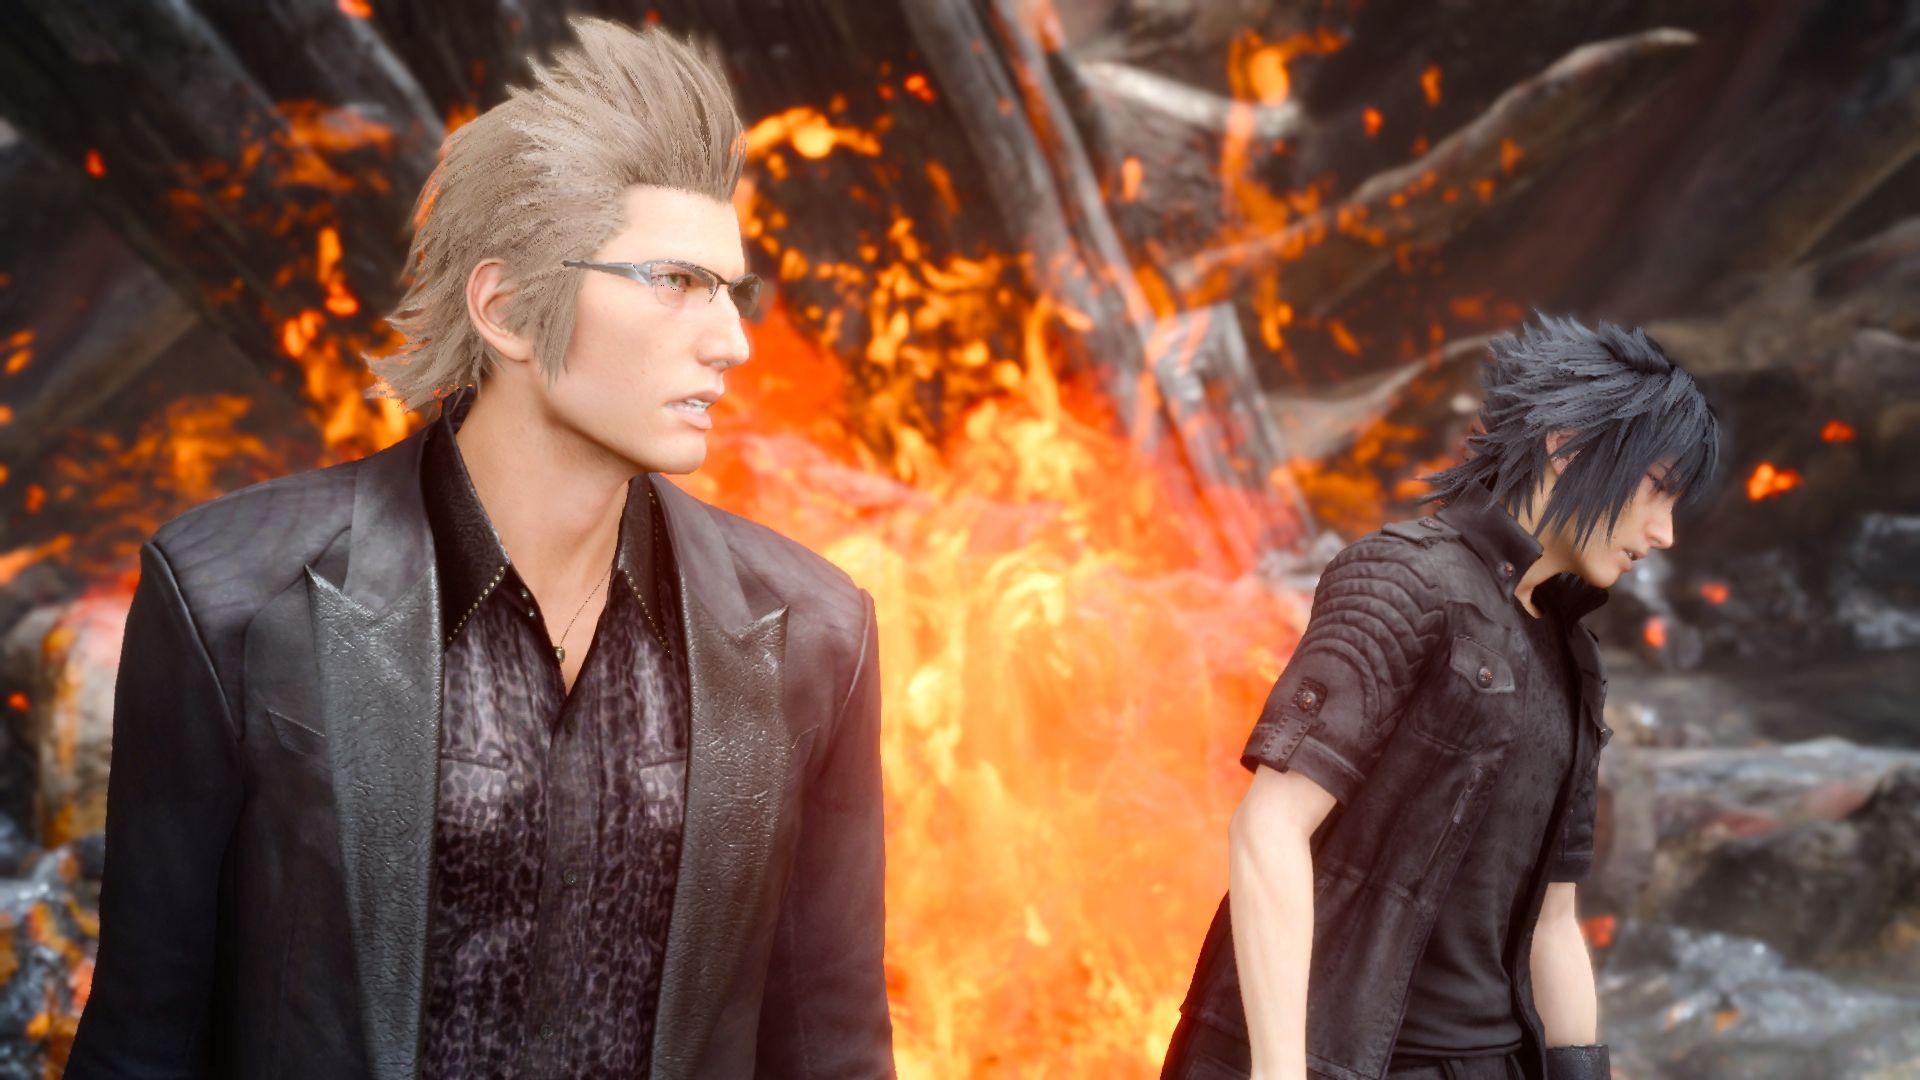 Final_Fantasy_XV_11.jpg